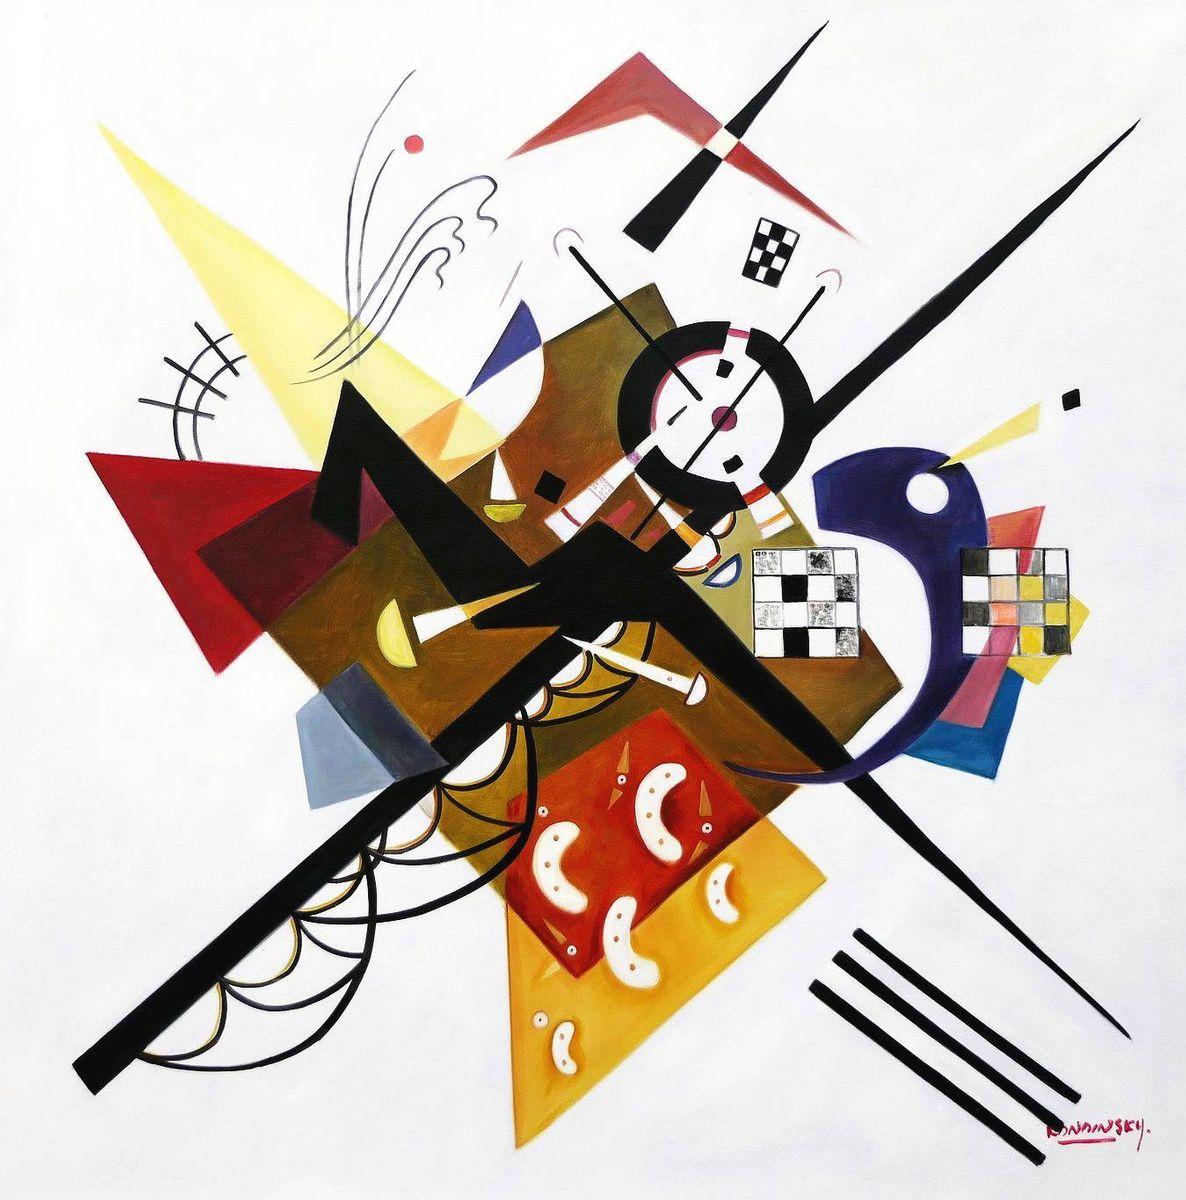 Wassily Kandinsky - Gleichgewicht in der Zusammensetzung m97172 120x120cm Ölbild